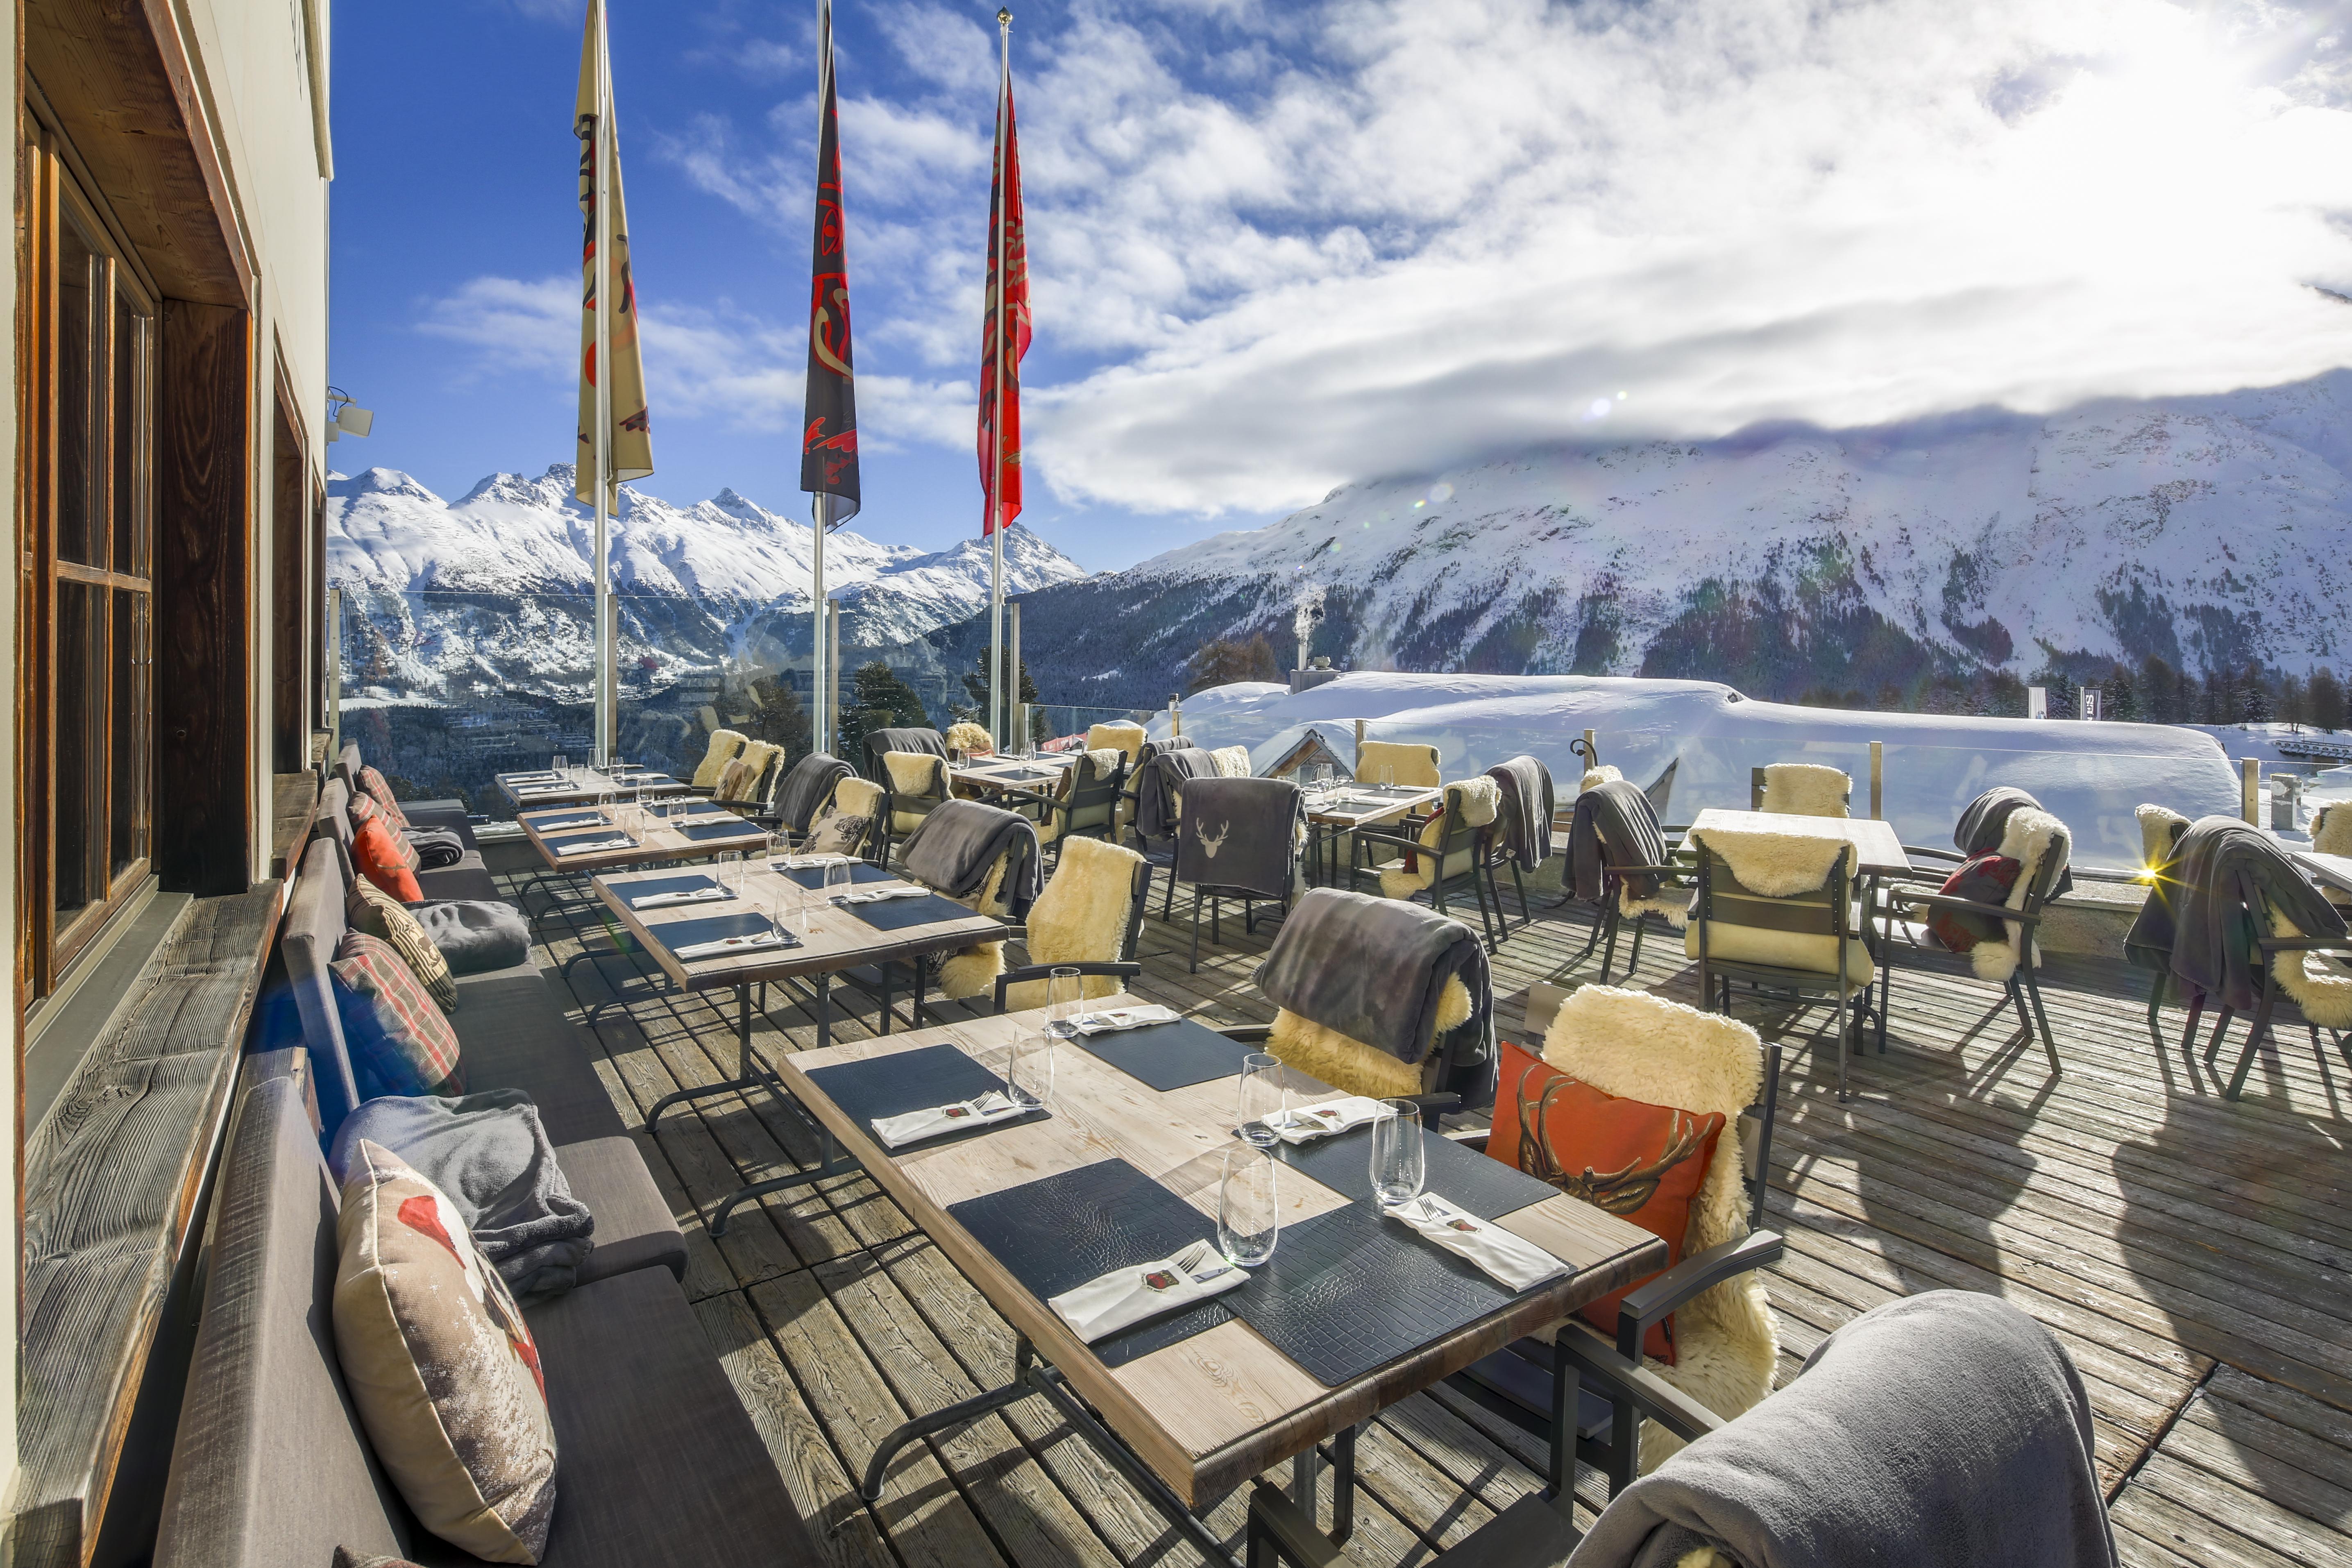 CheCha Restaurant & Club Slide 5